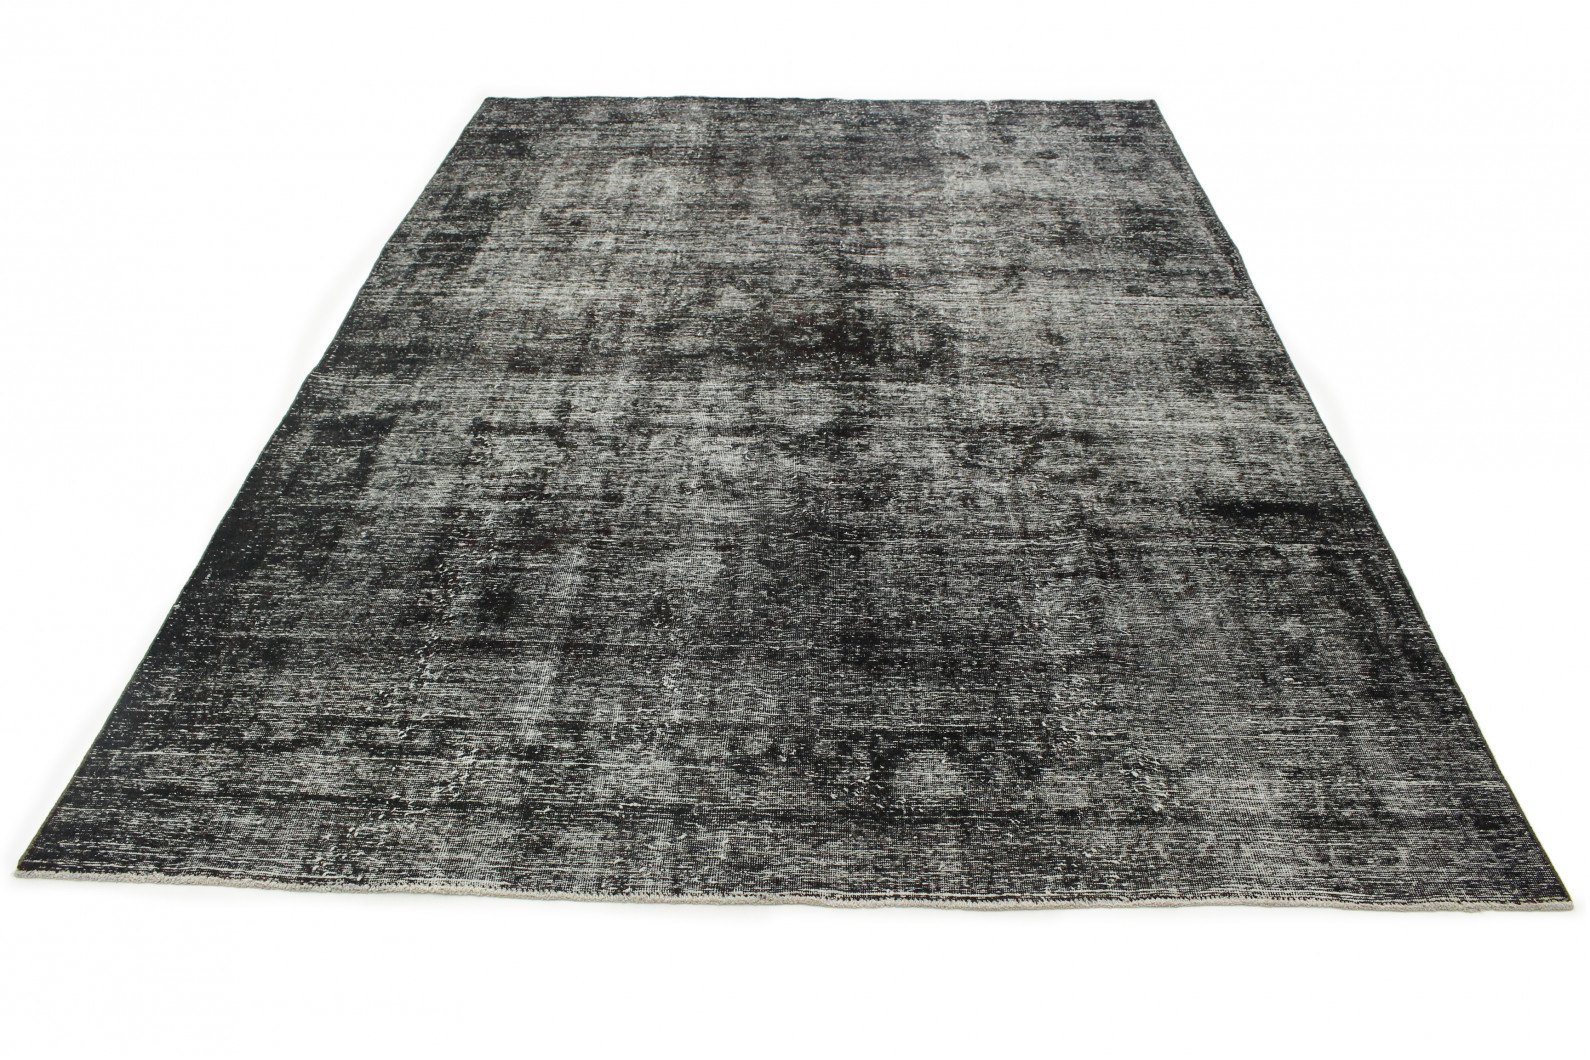 Vintage Teppich Schwarz Grau in 360x260